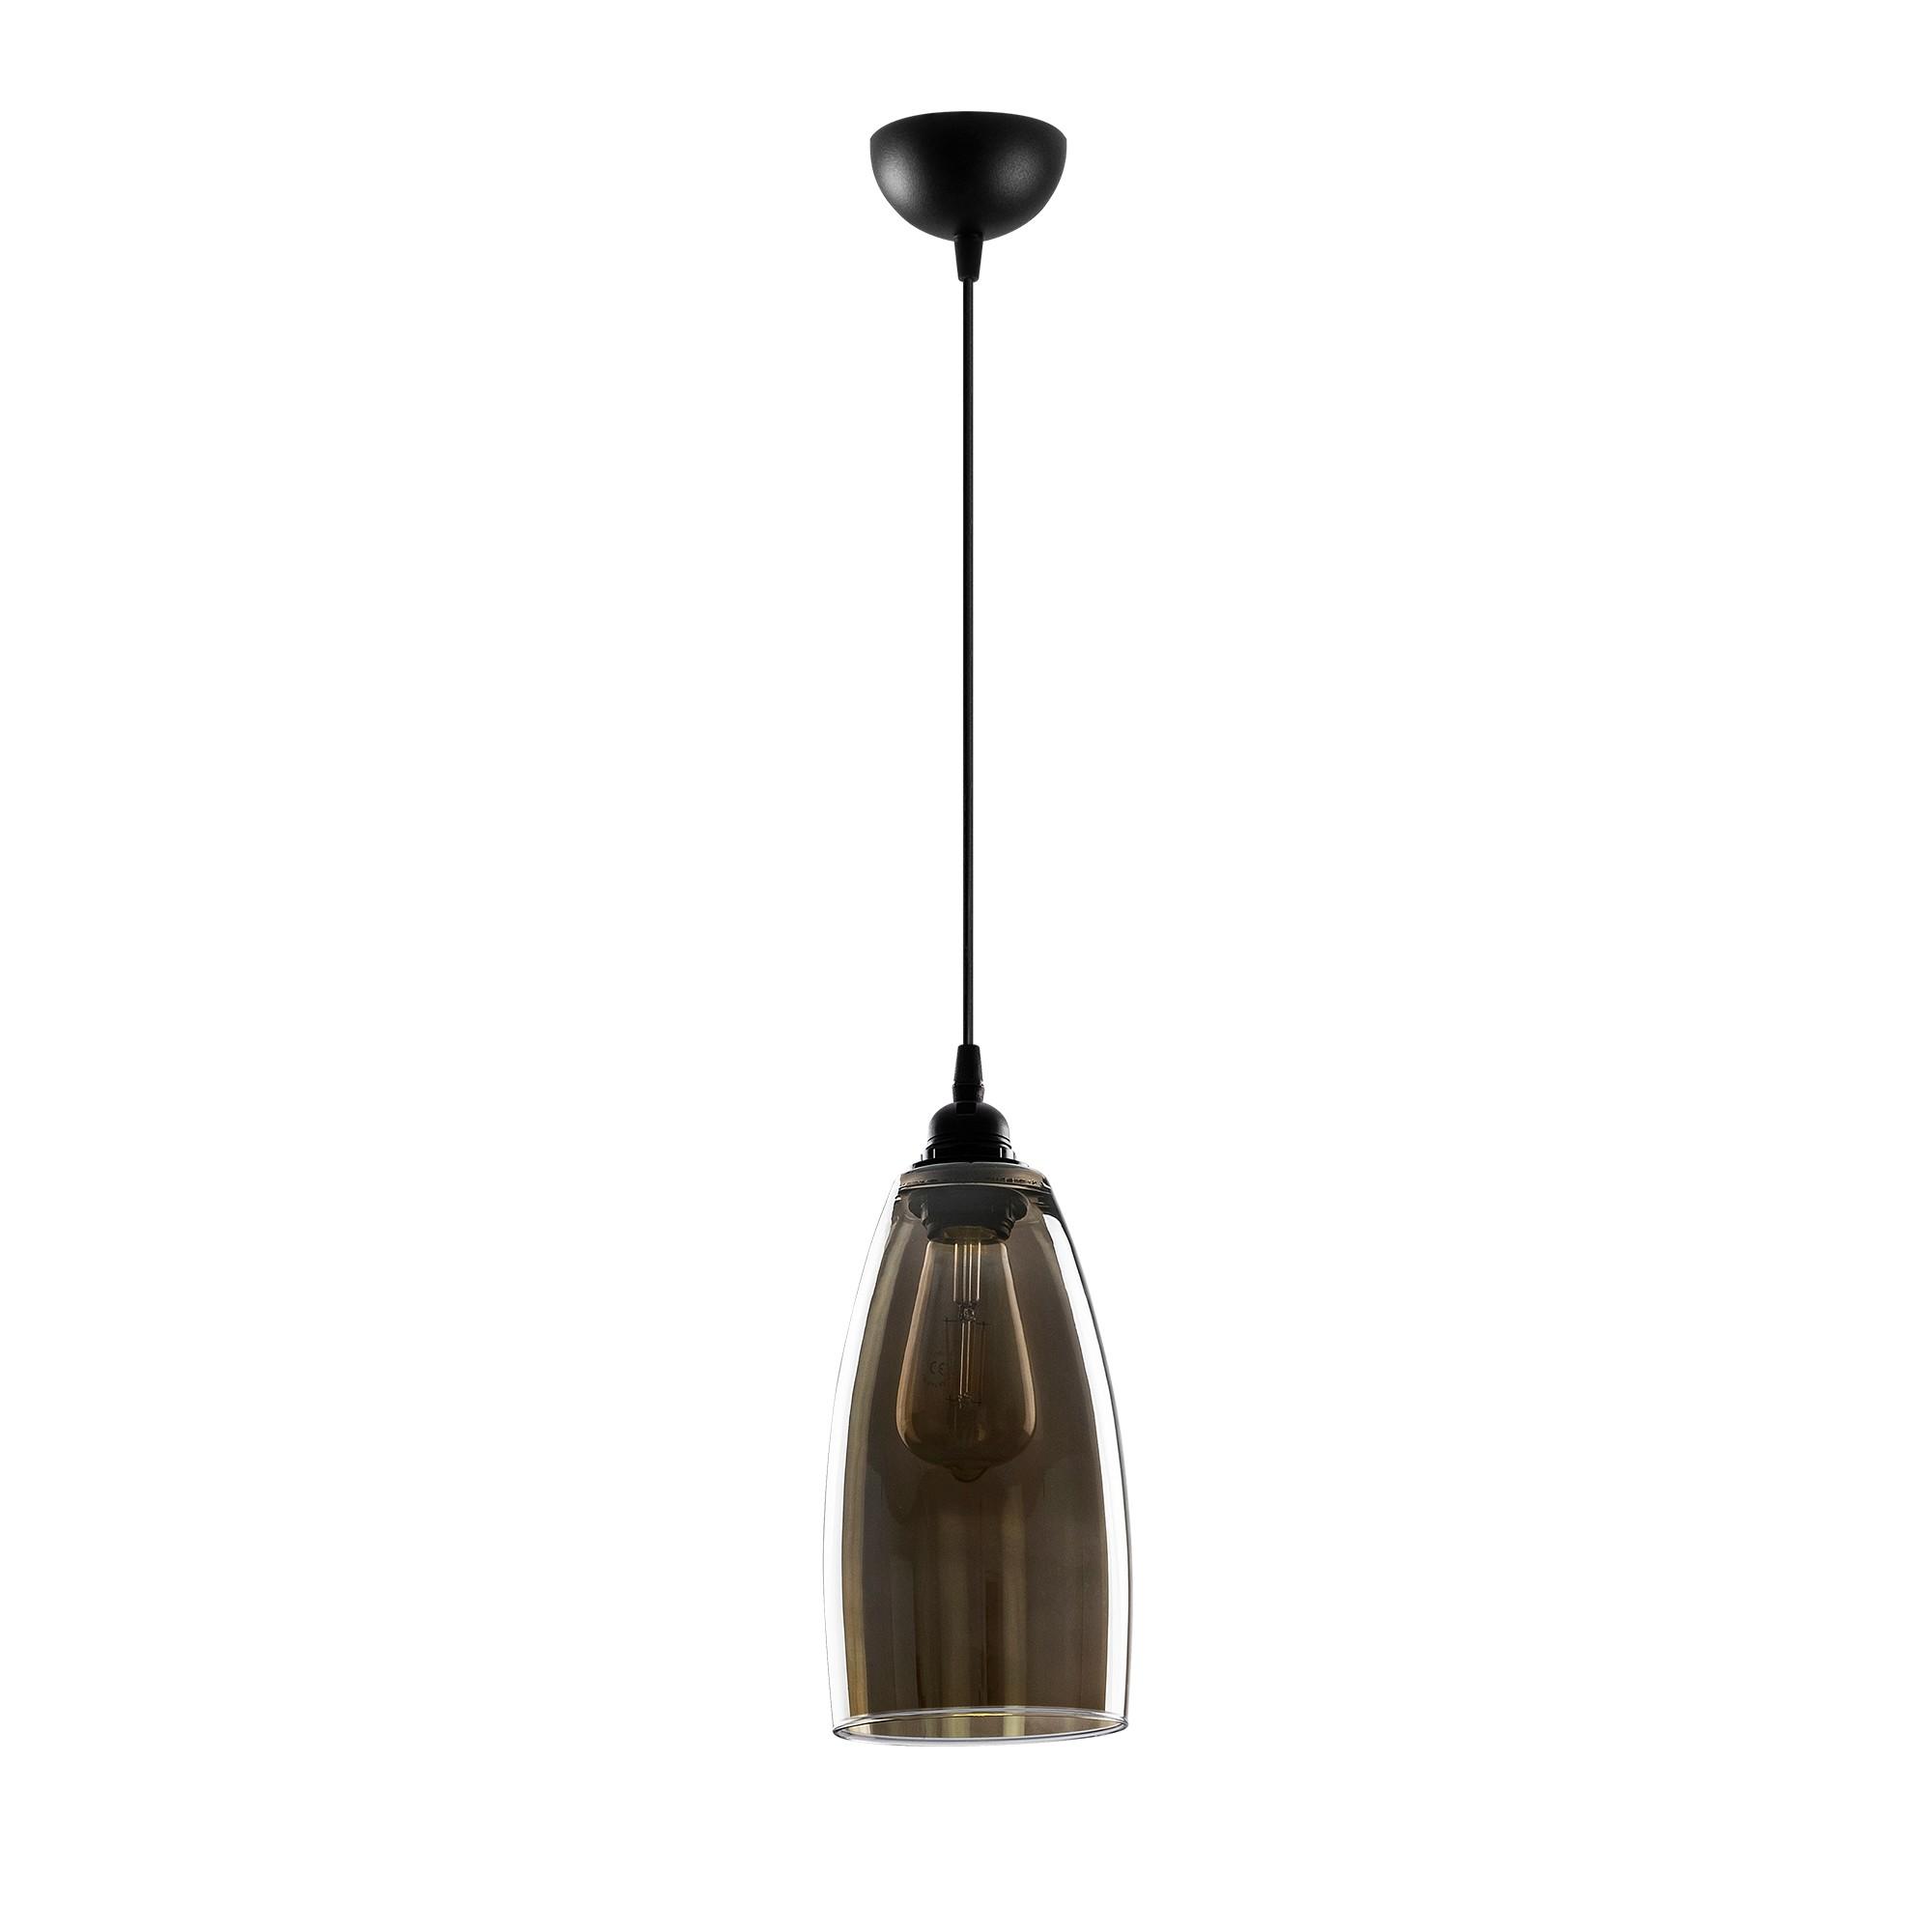 Hanglamp glad smoked glass langwerpig 1 x E27 fitting - vooraanzicht lamp uit